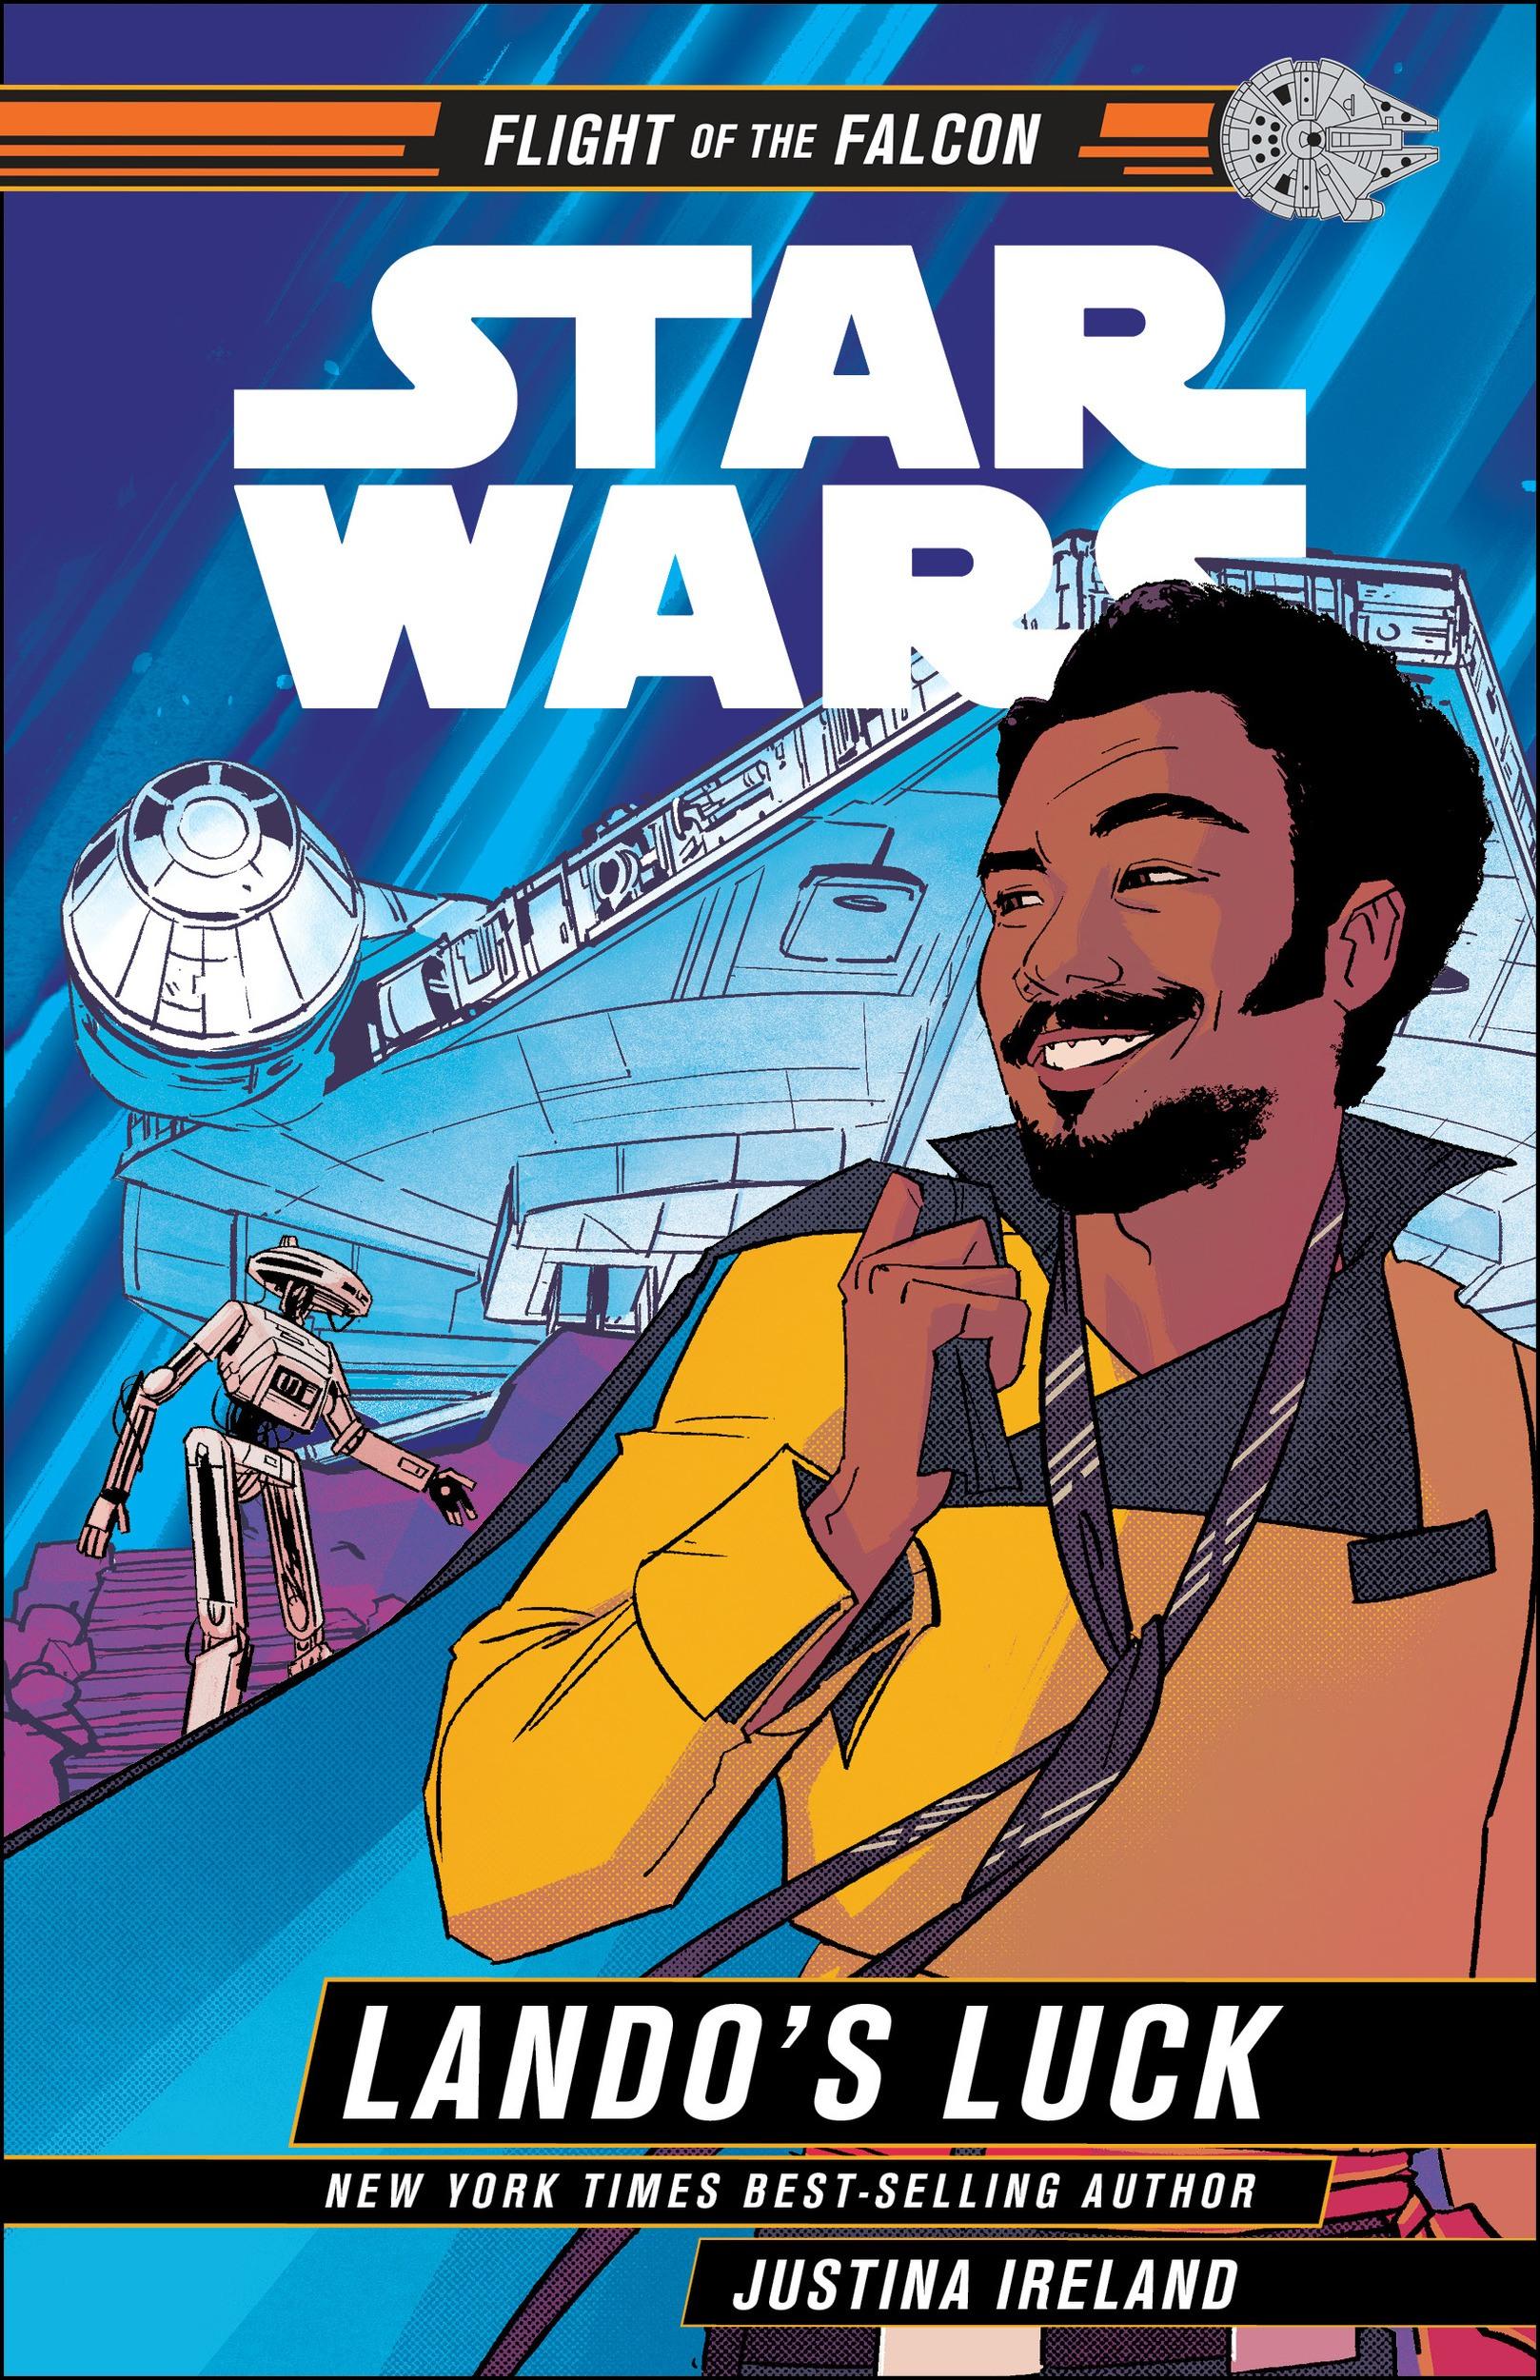 Lando's Luck cover